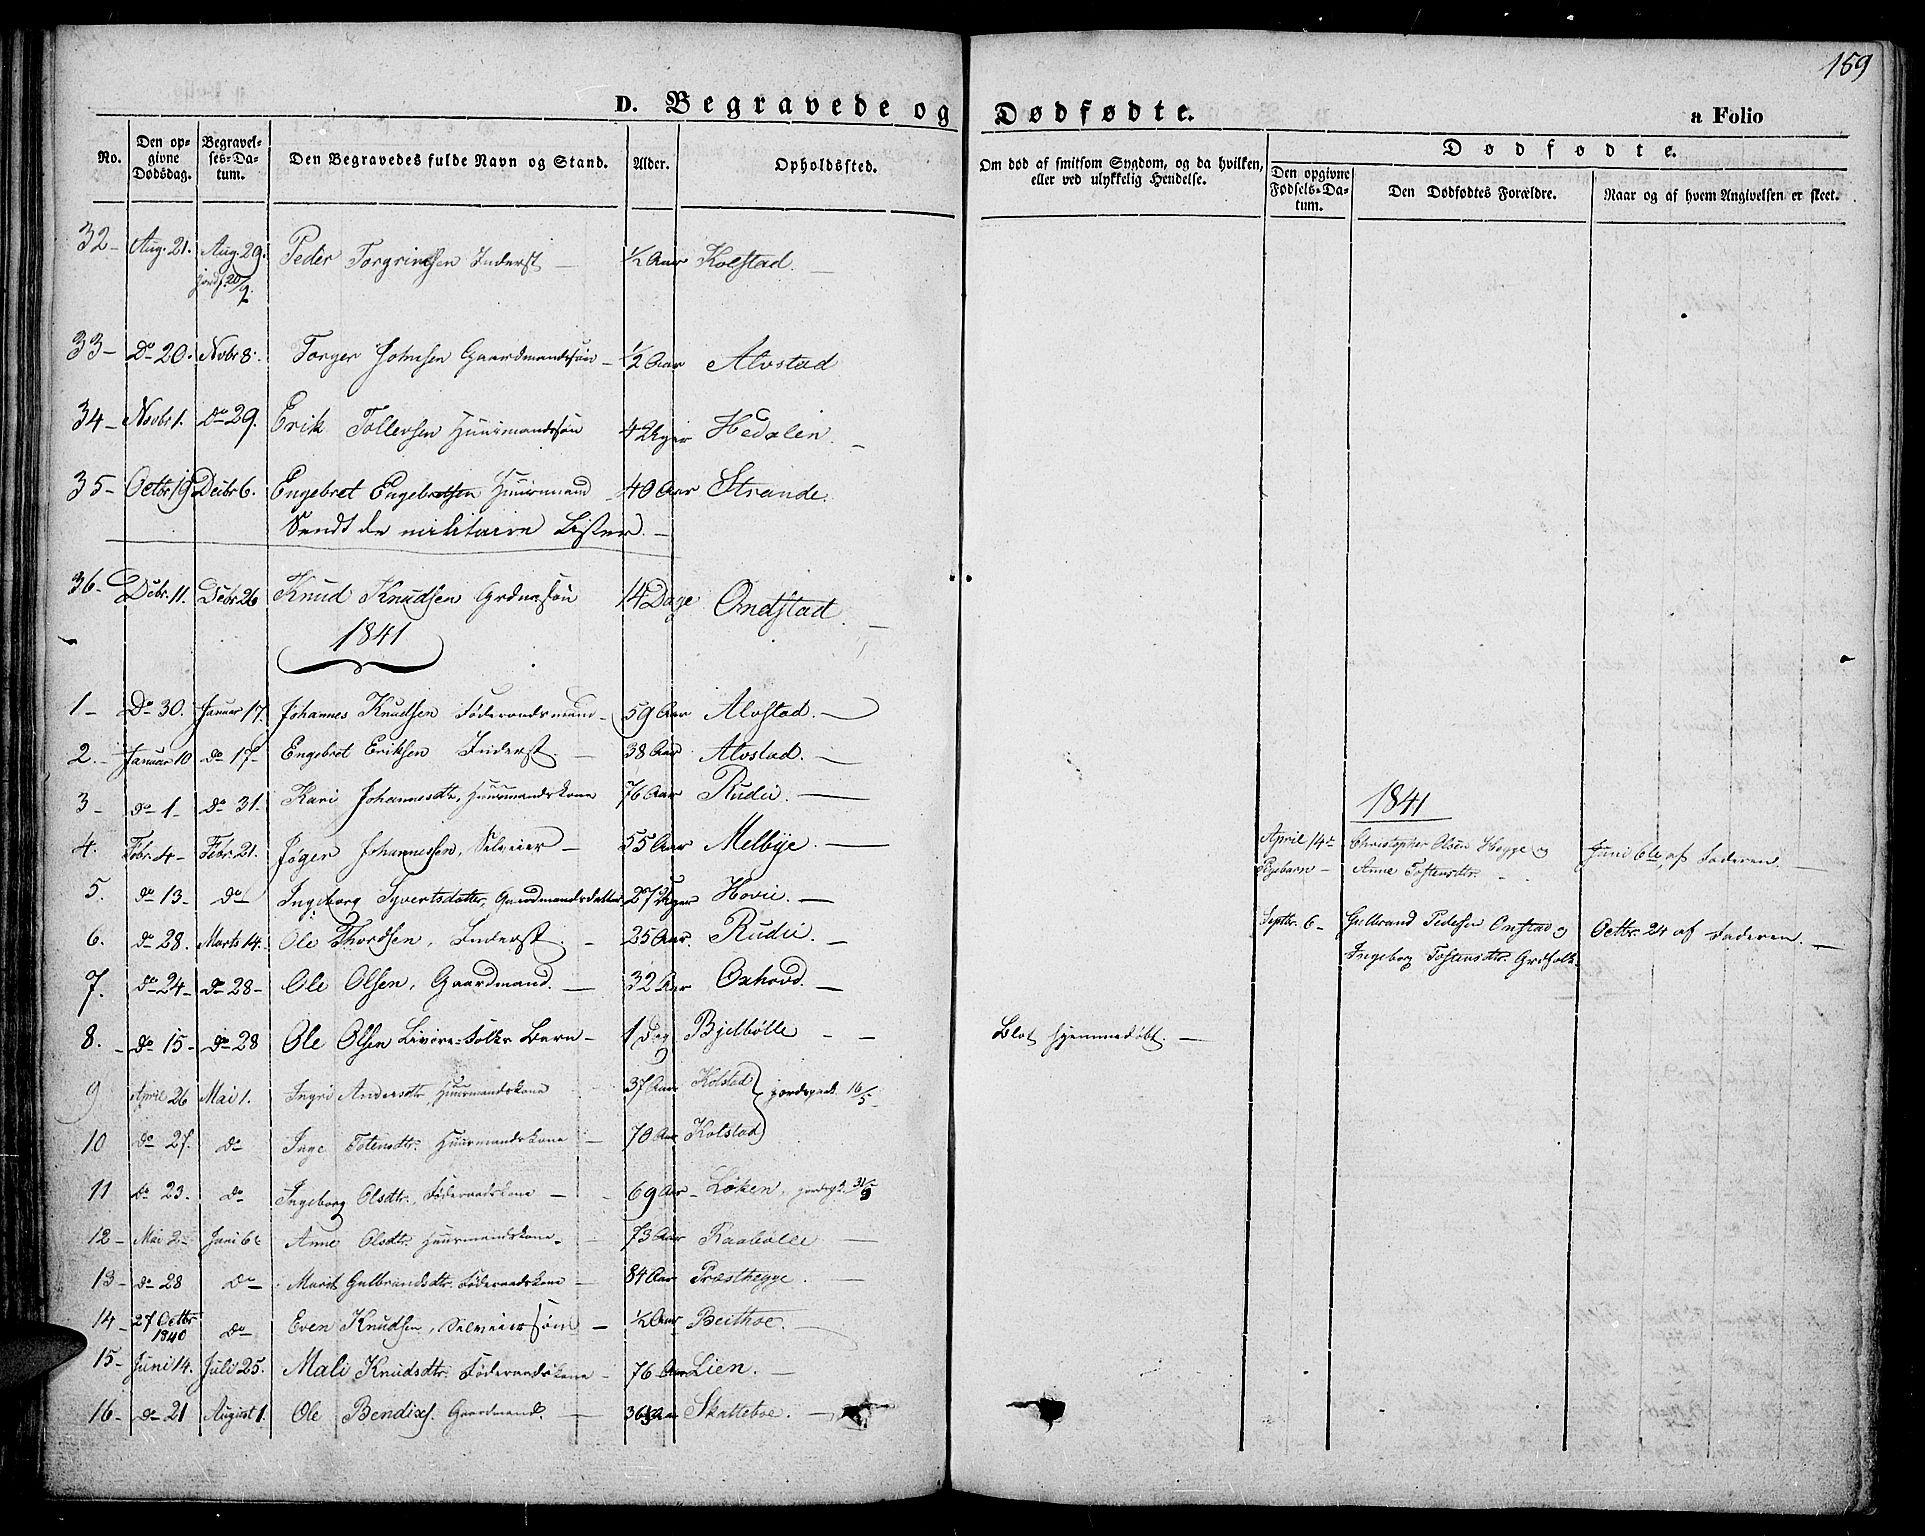 SAH, Slidre prestekontor, Ministerialbok nr. 4, 1831-1848, s. 159